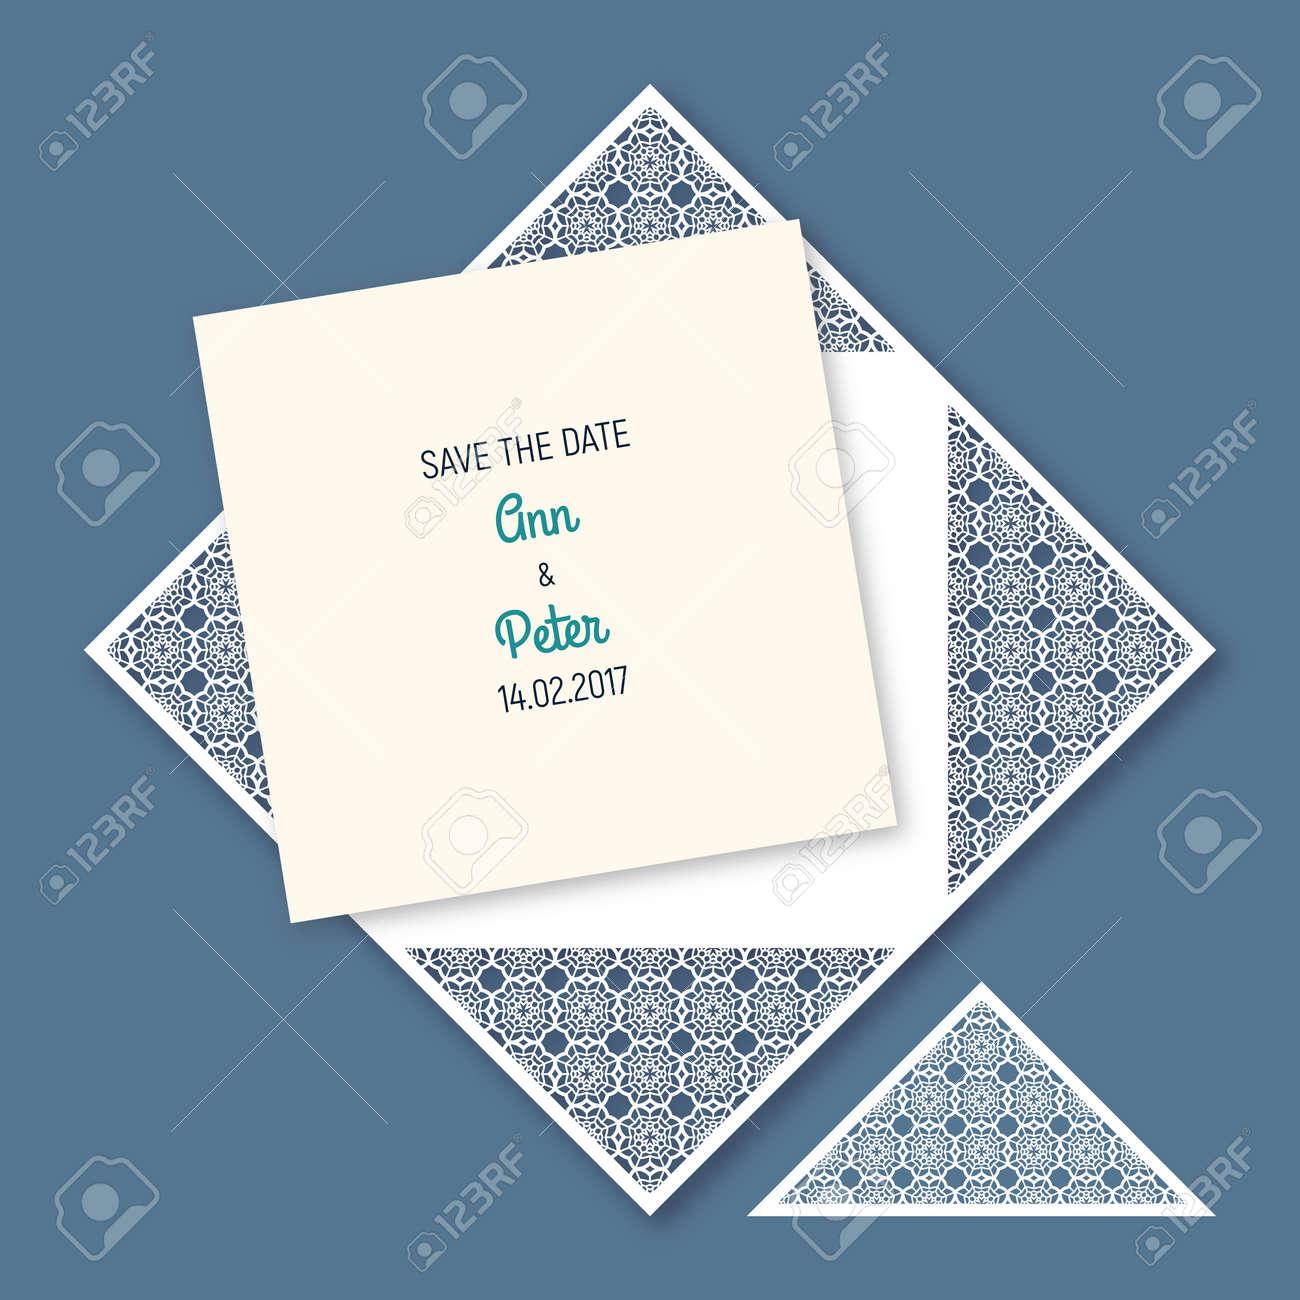 Ziemlich Beispielhochzeits Karten Umschlag Vorlage Fotos - Bilder ...